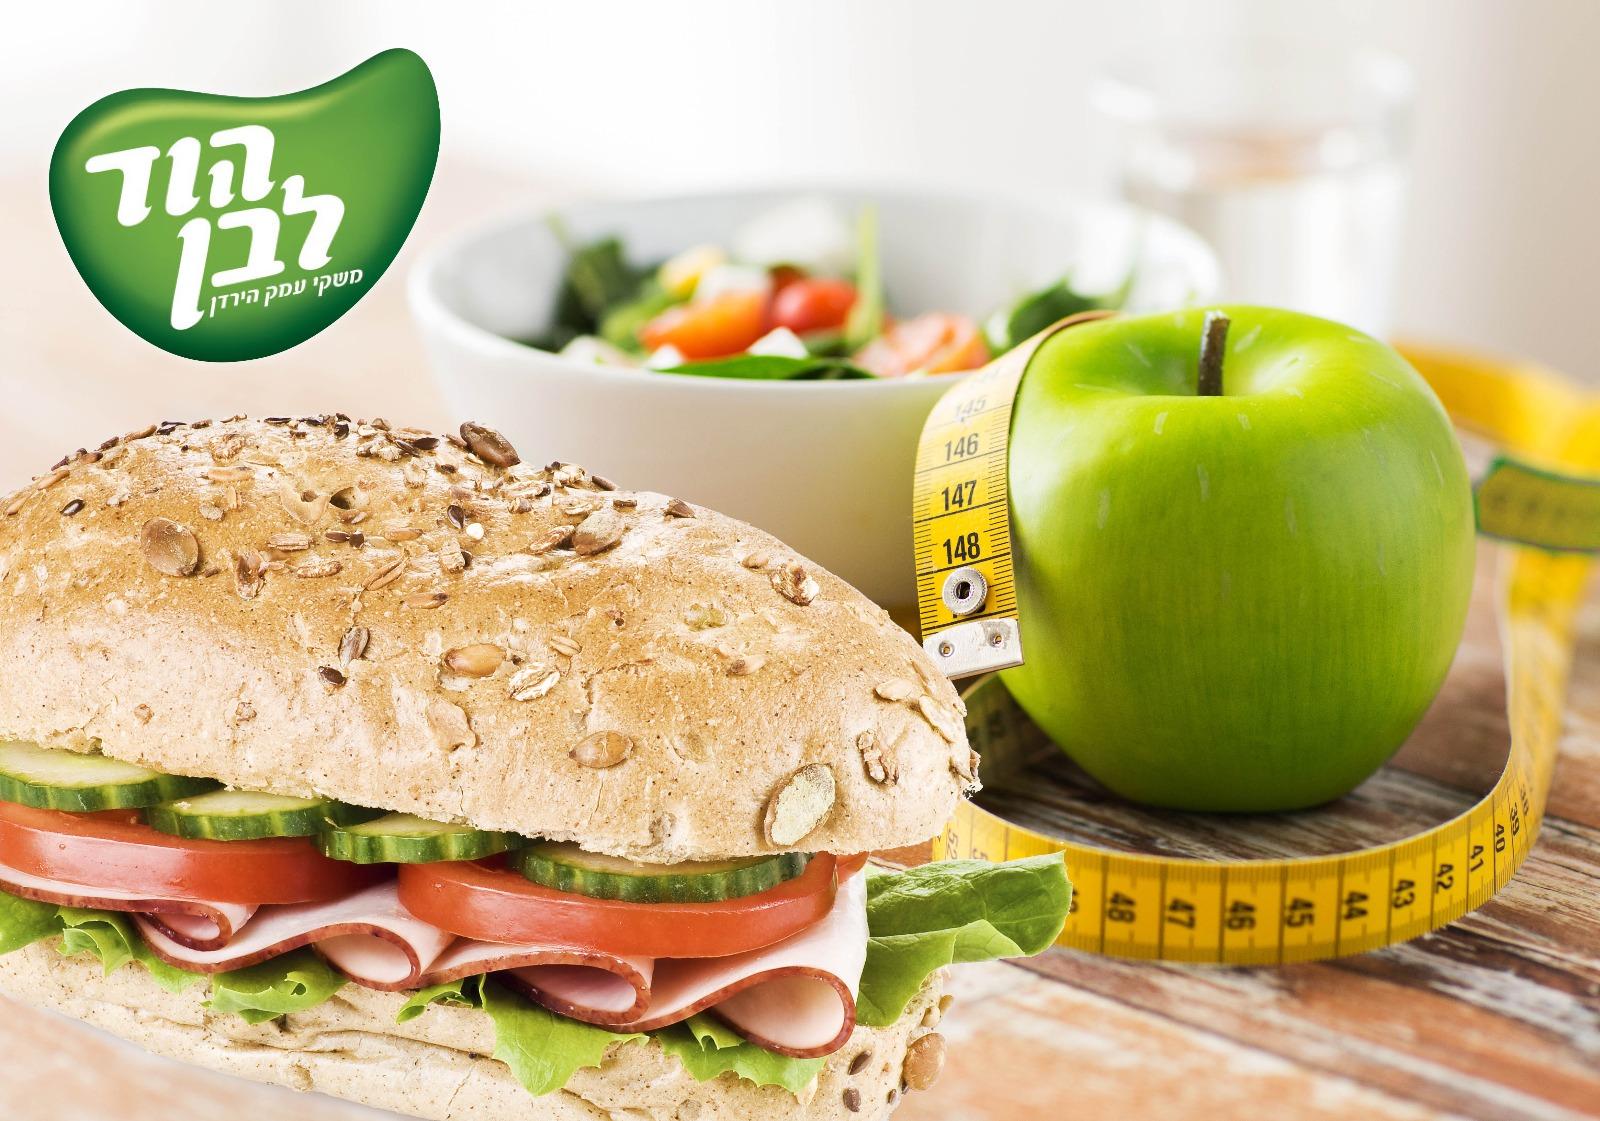 הכירו את הפסטרמות ששומרות לכם על המשקל